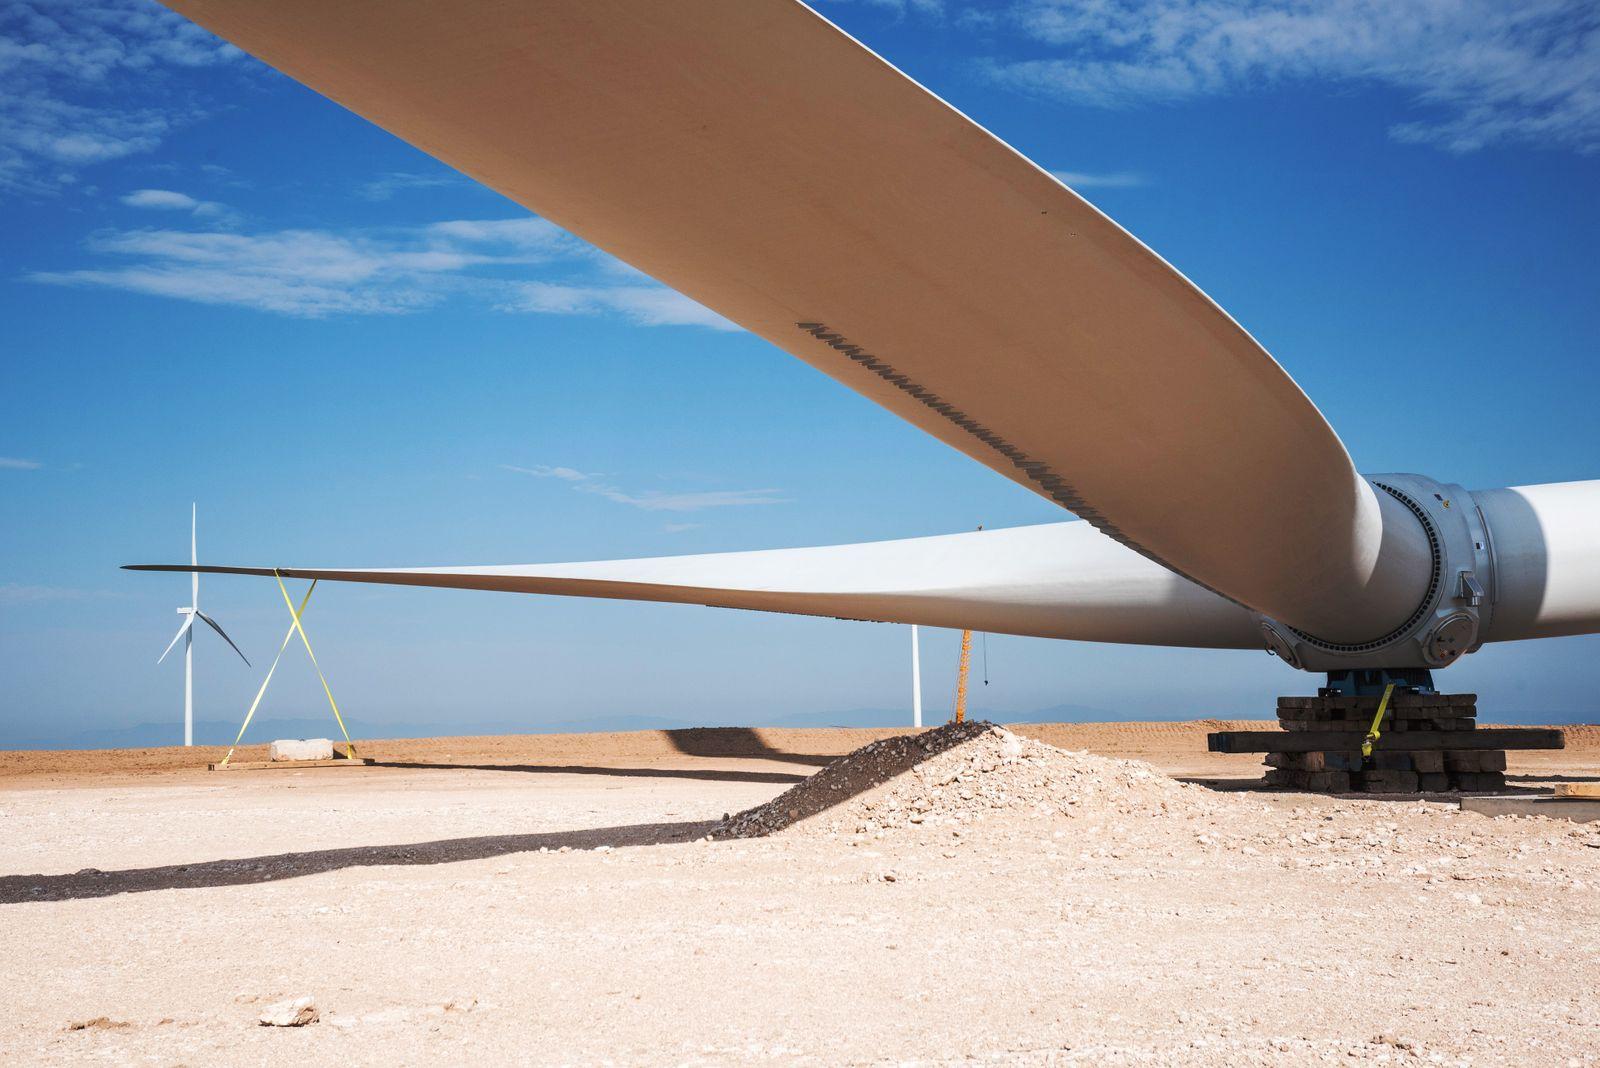 Wind Turbine Rotor Blades